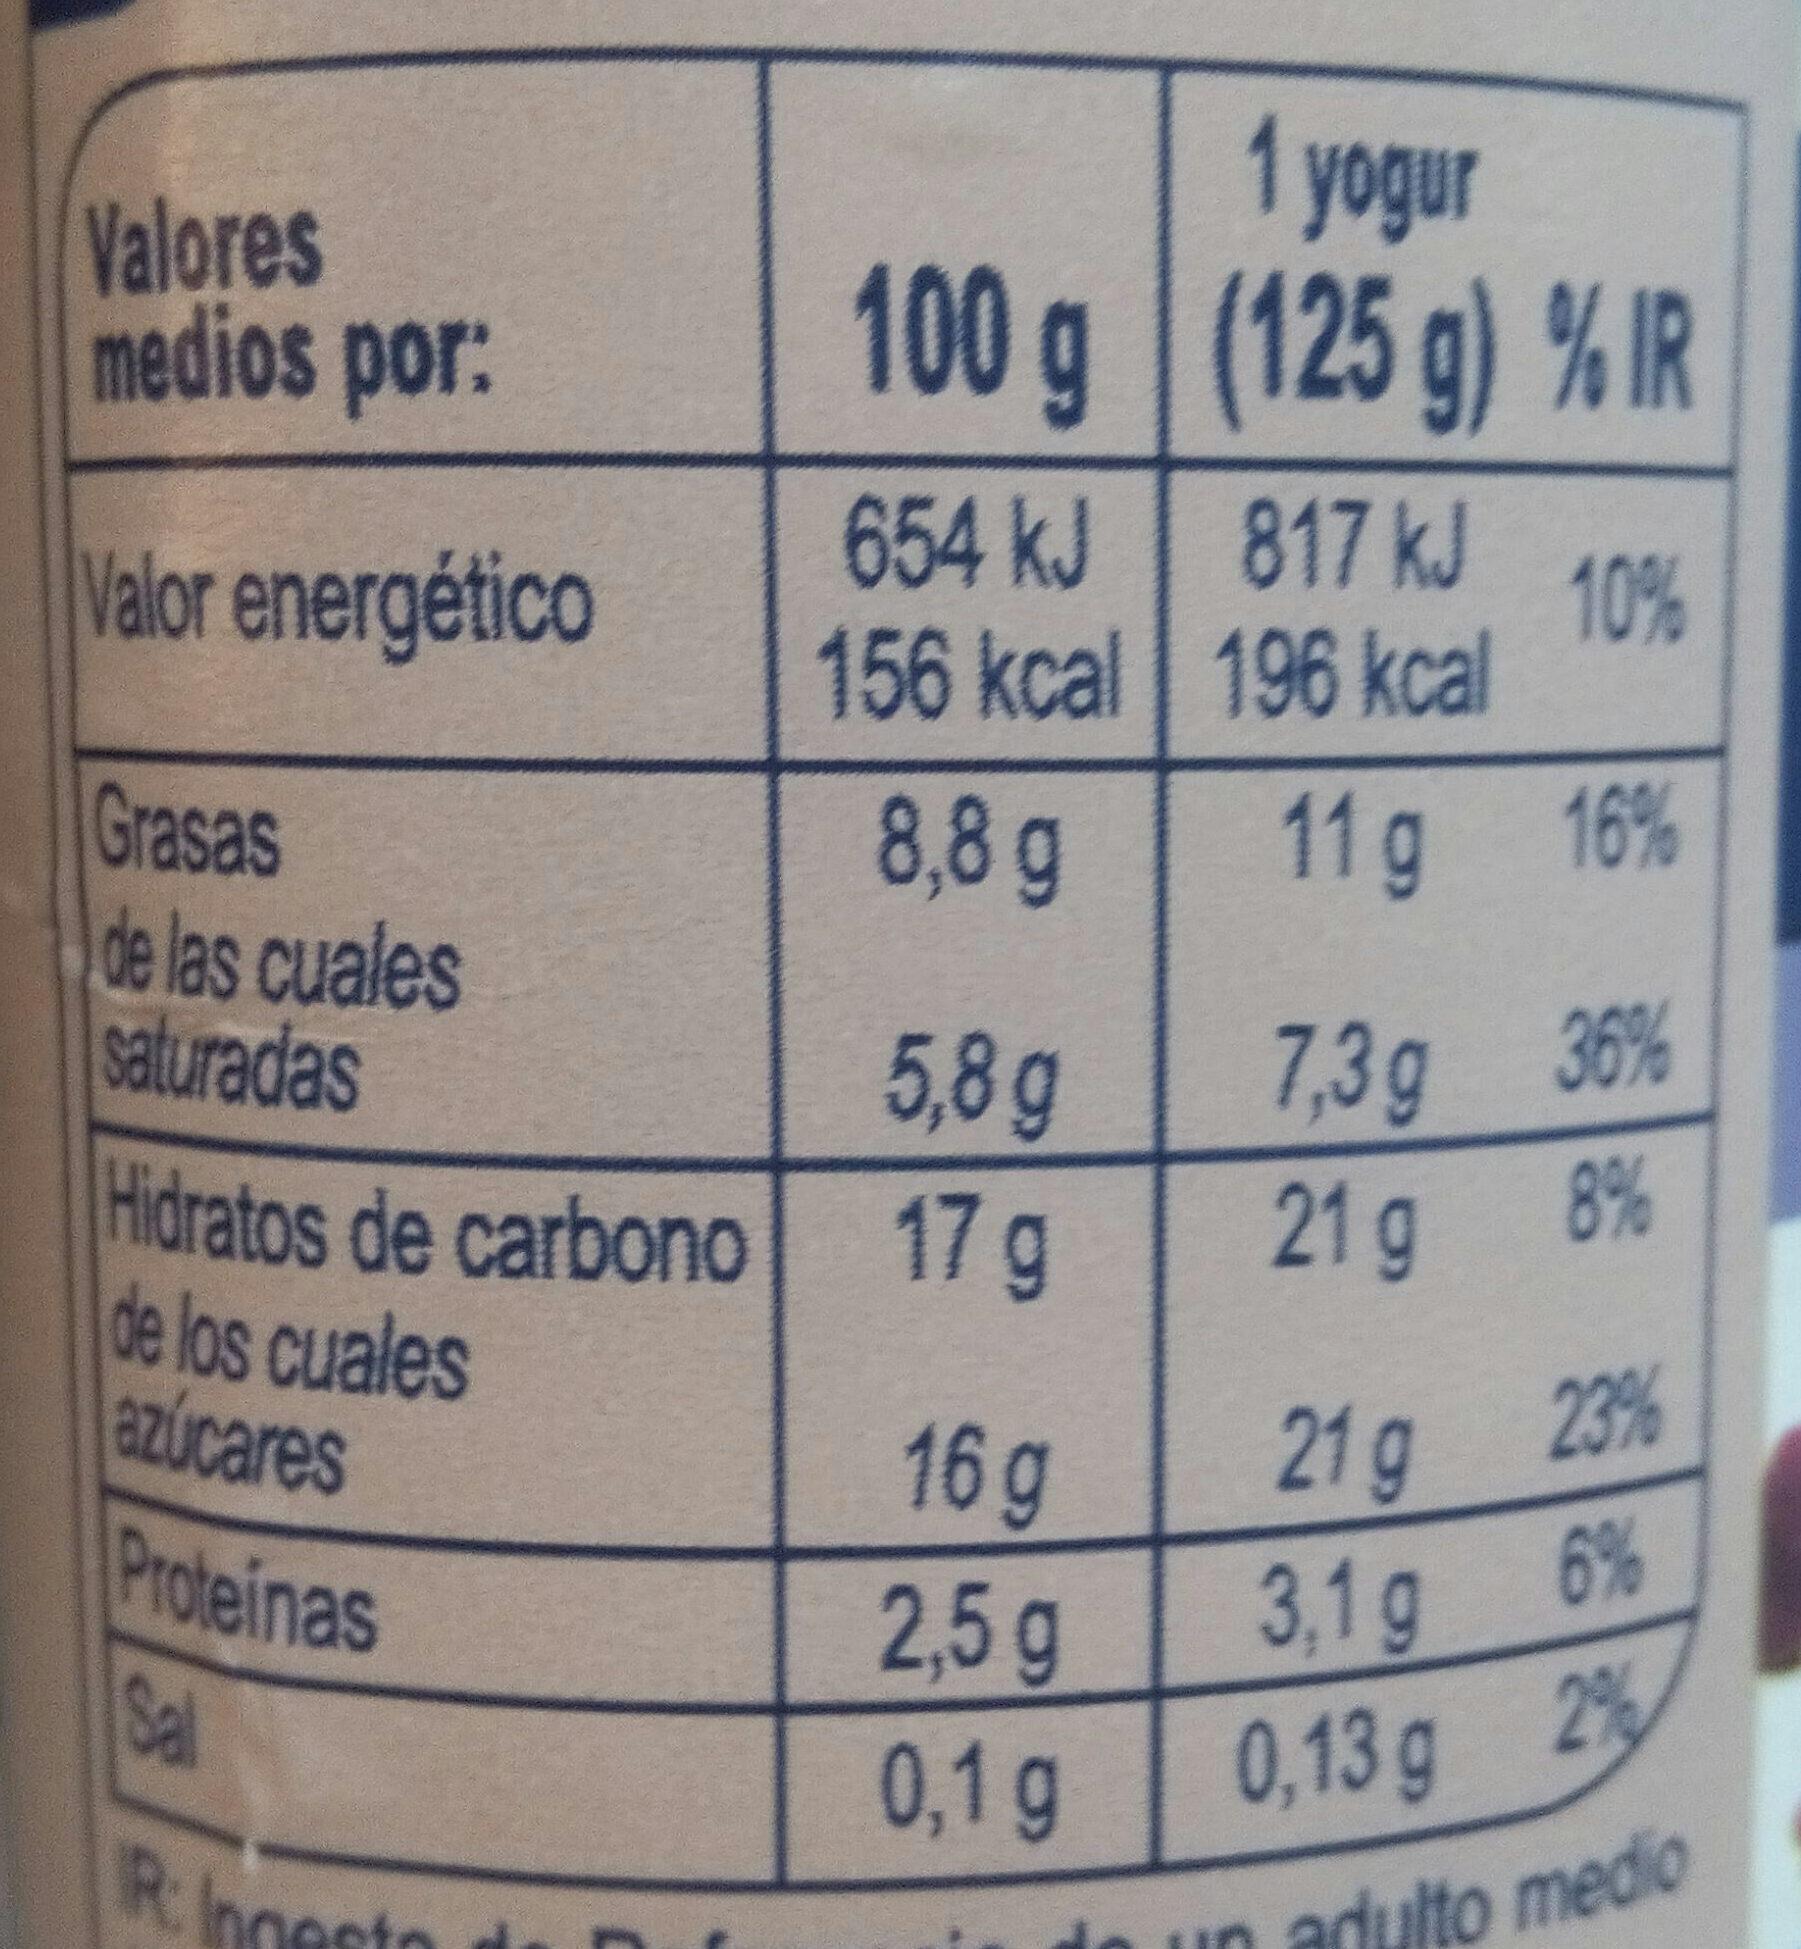 Yogur estilo griego Stracciatella - Informació nutricional - es